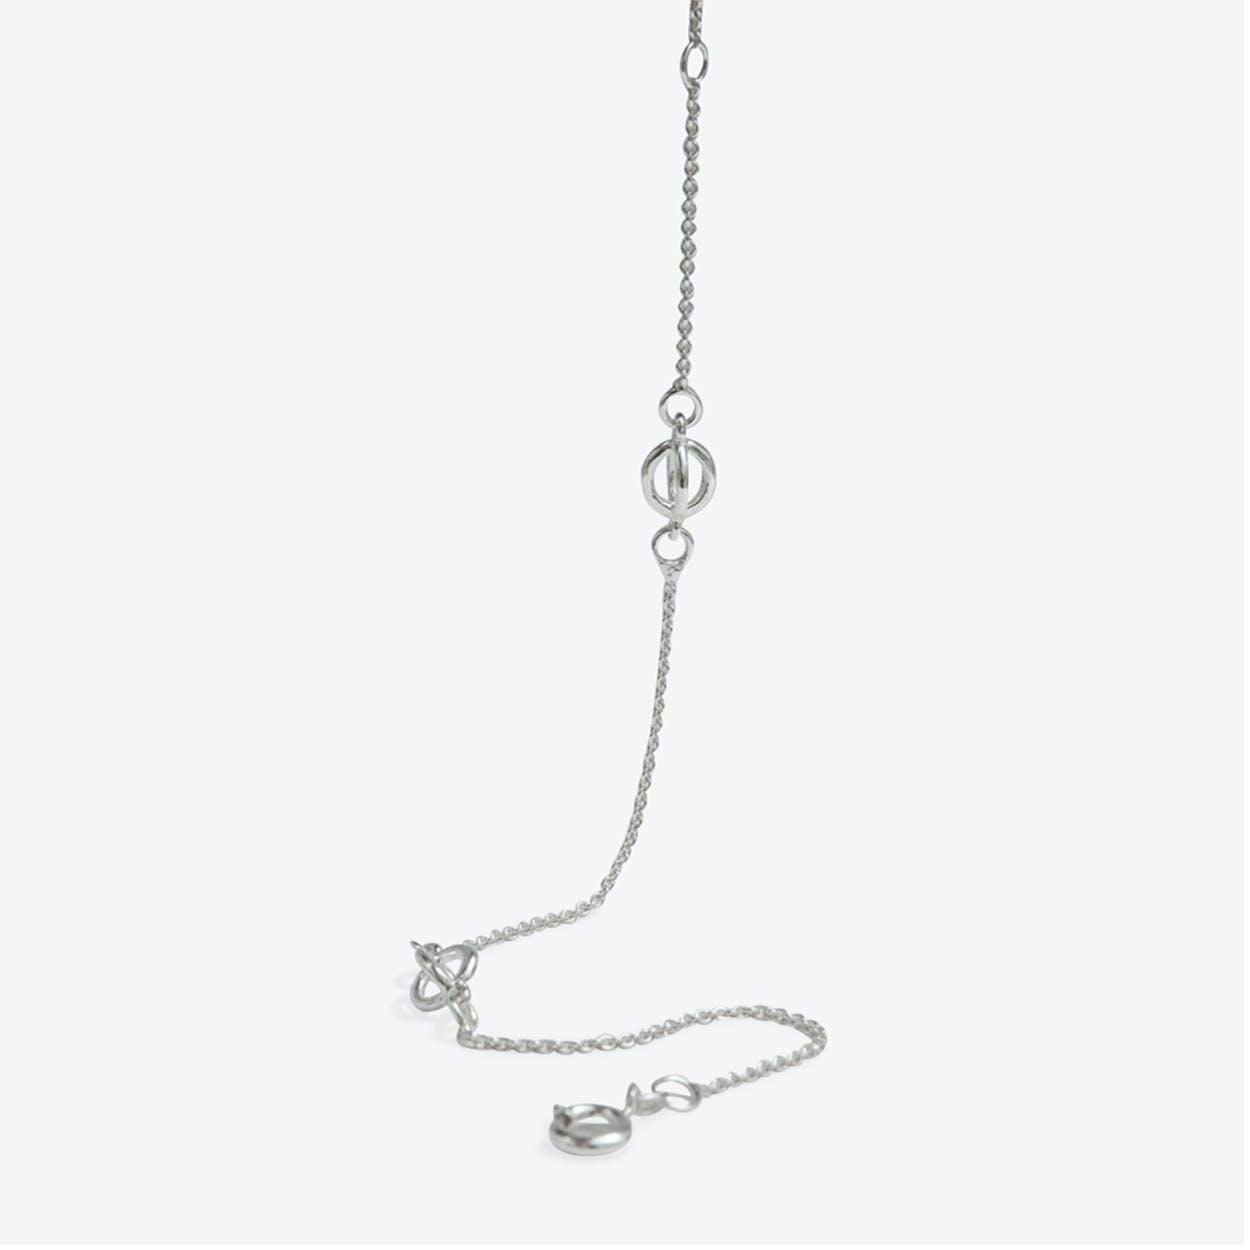 Bracelet KISSKISS in Silver 925